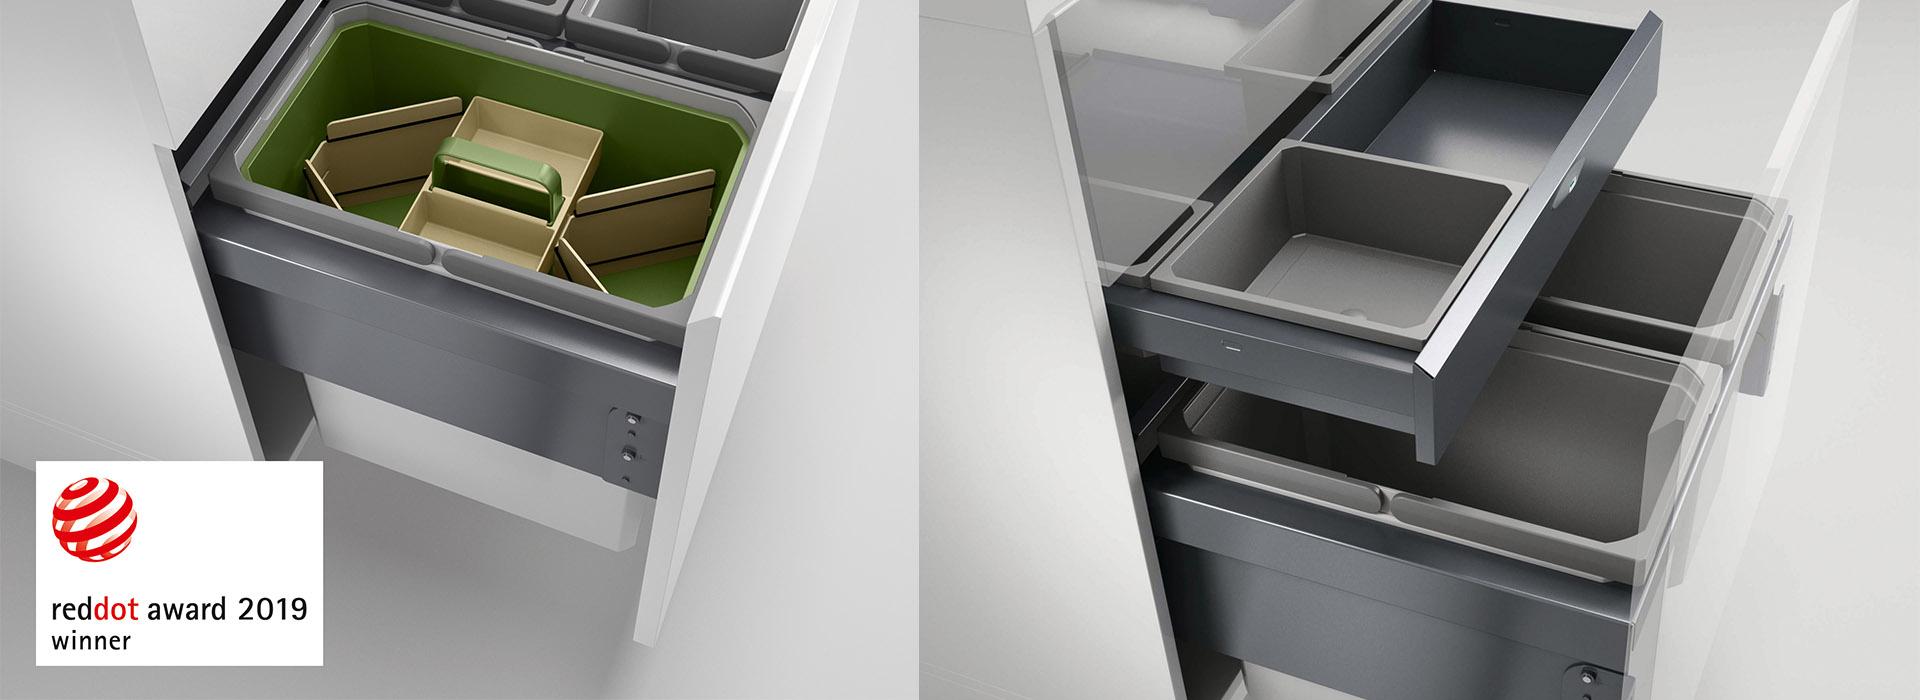 Küchenstudio Wollenberg Schubladenaufteilung Naber Küchentechnik kaufen